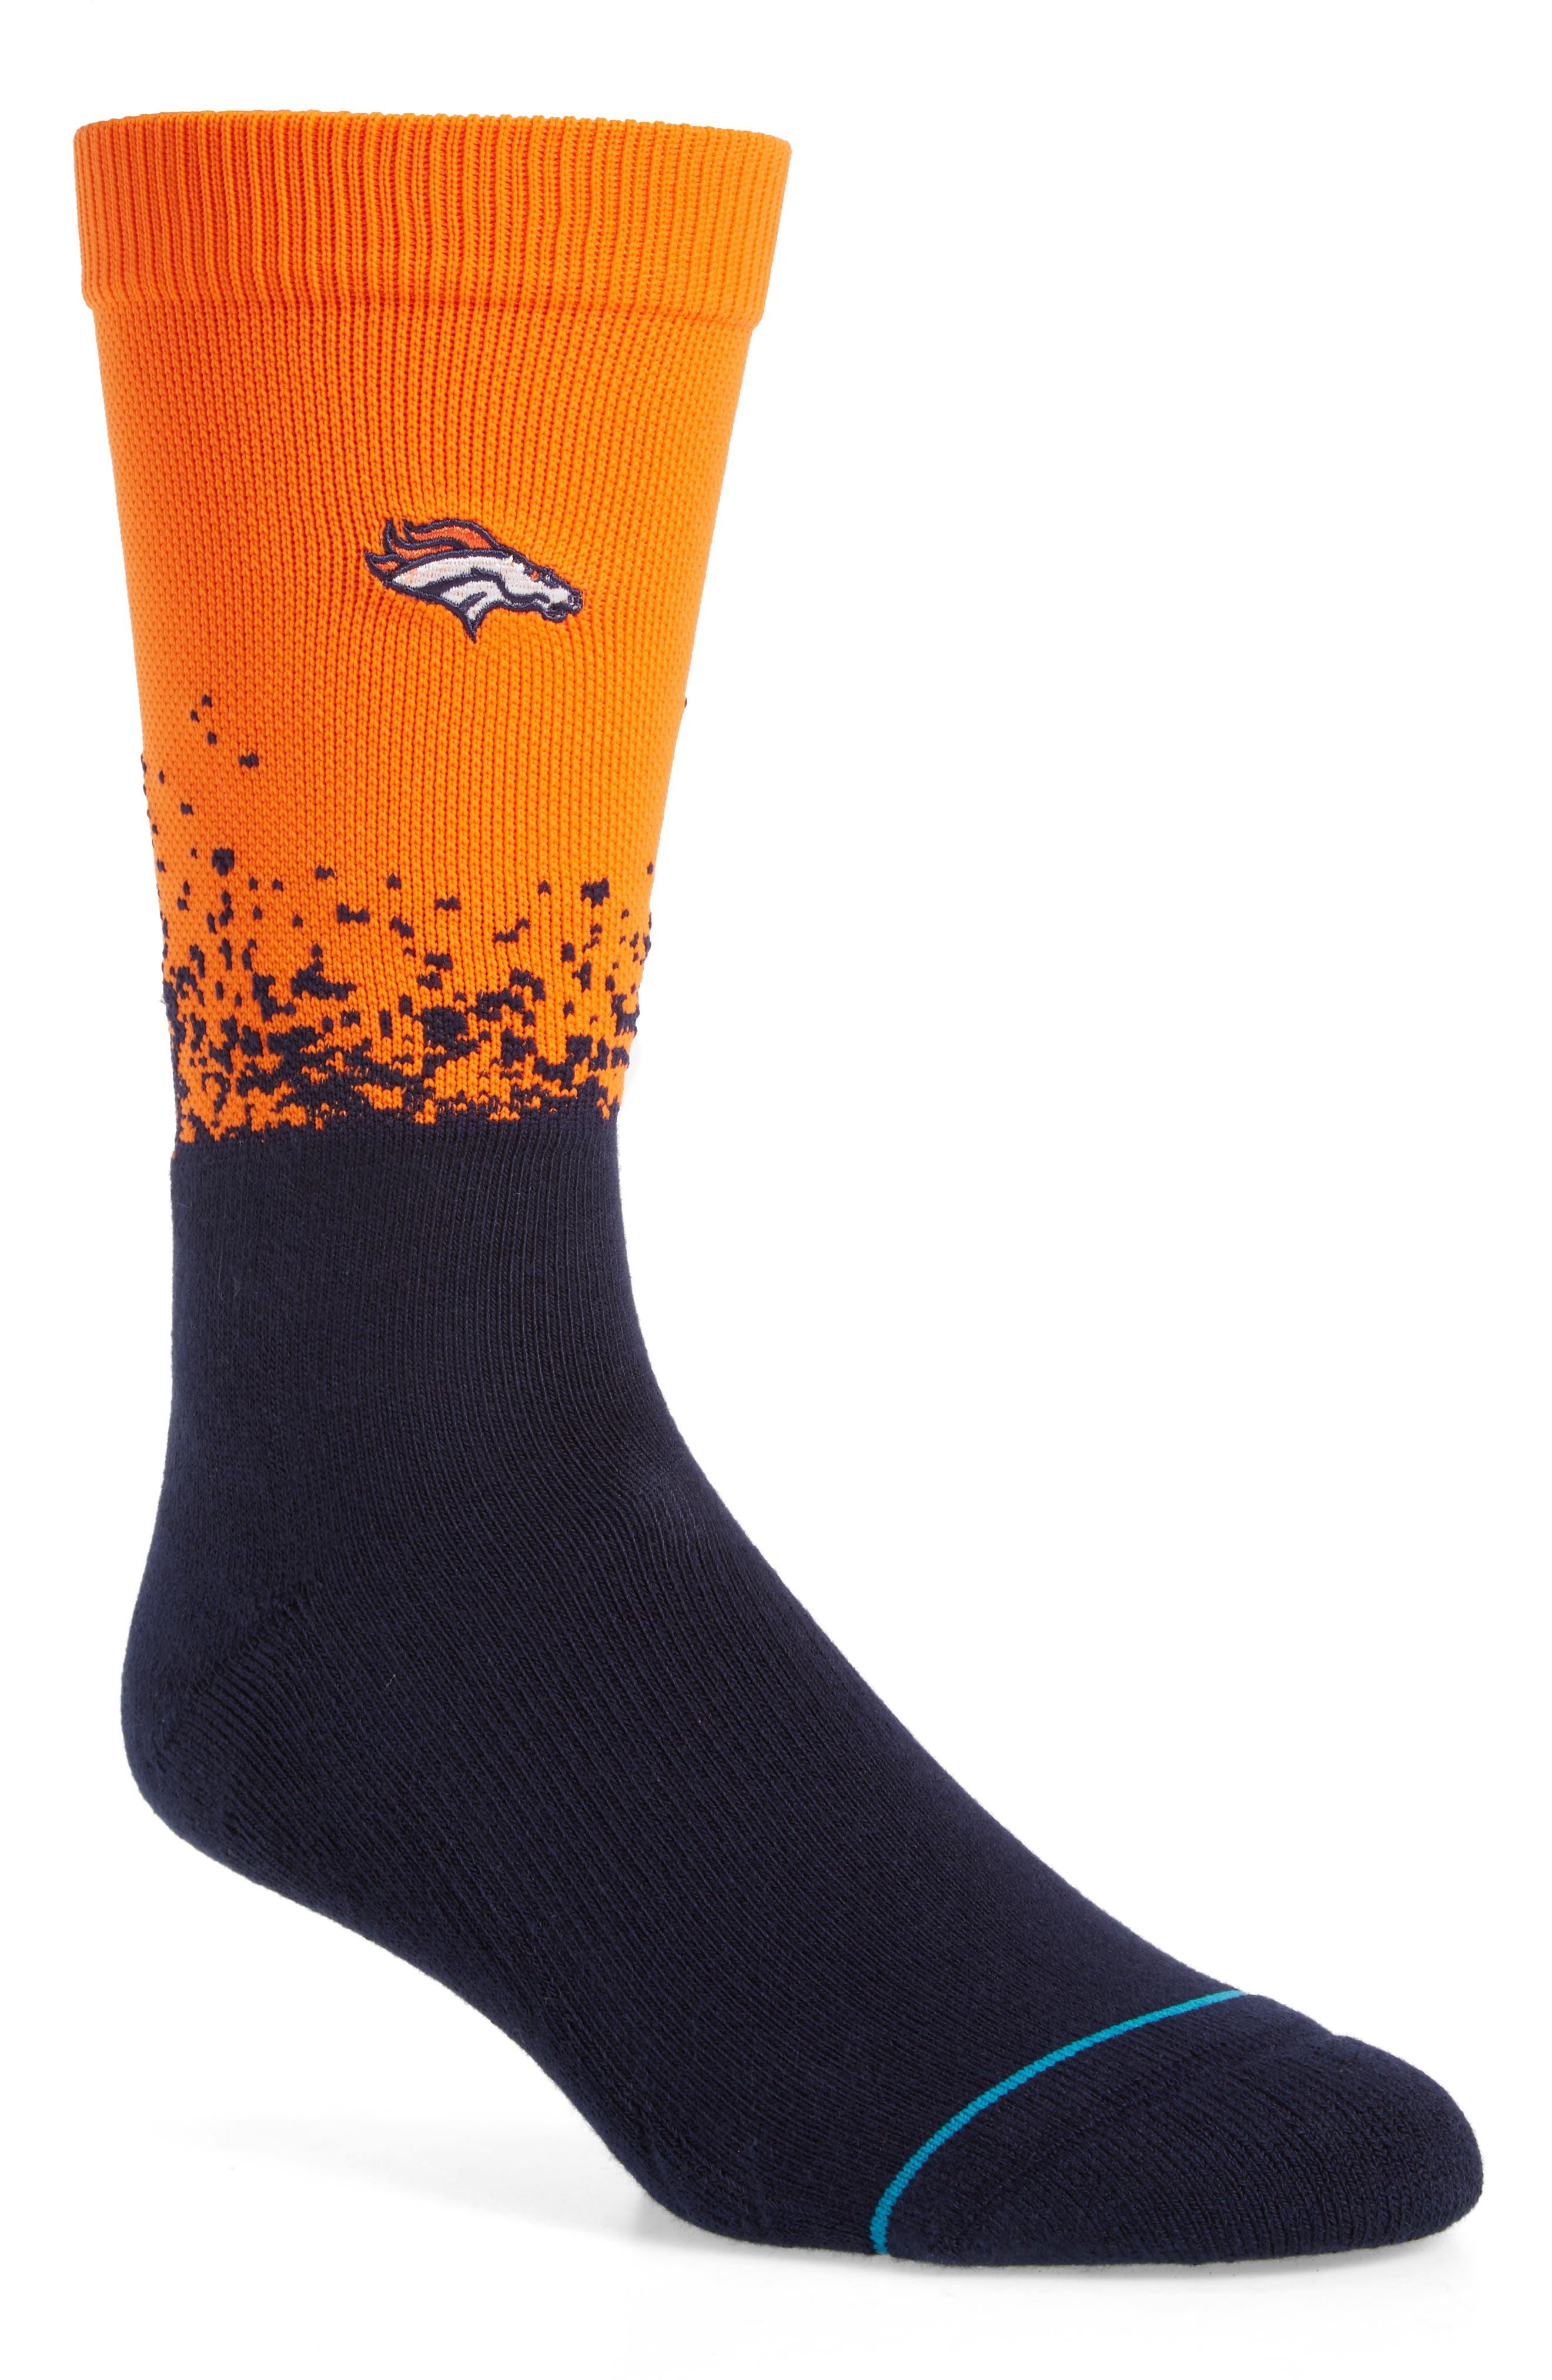 Denver Broncos - Fade Socks,                         Main,                         color, 410